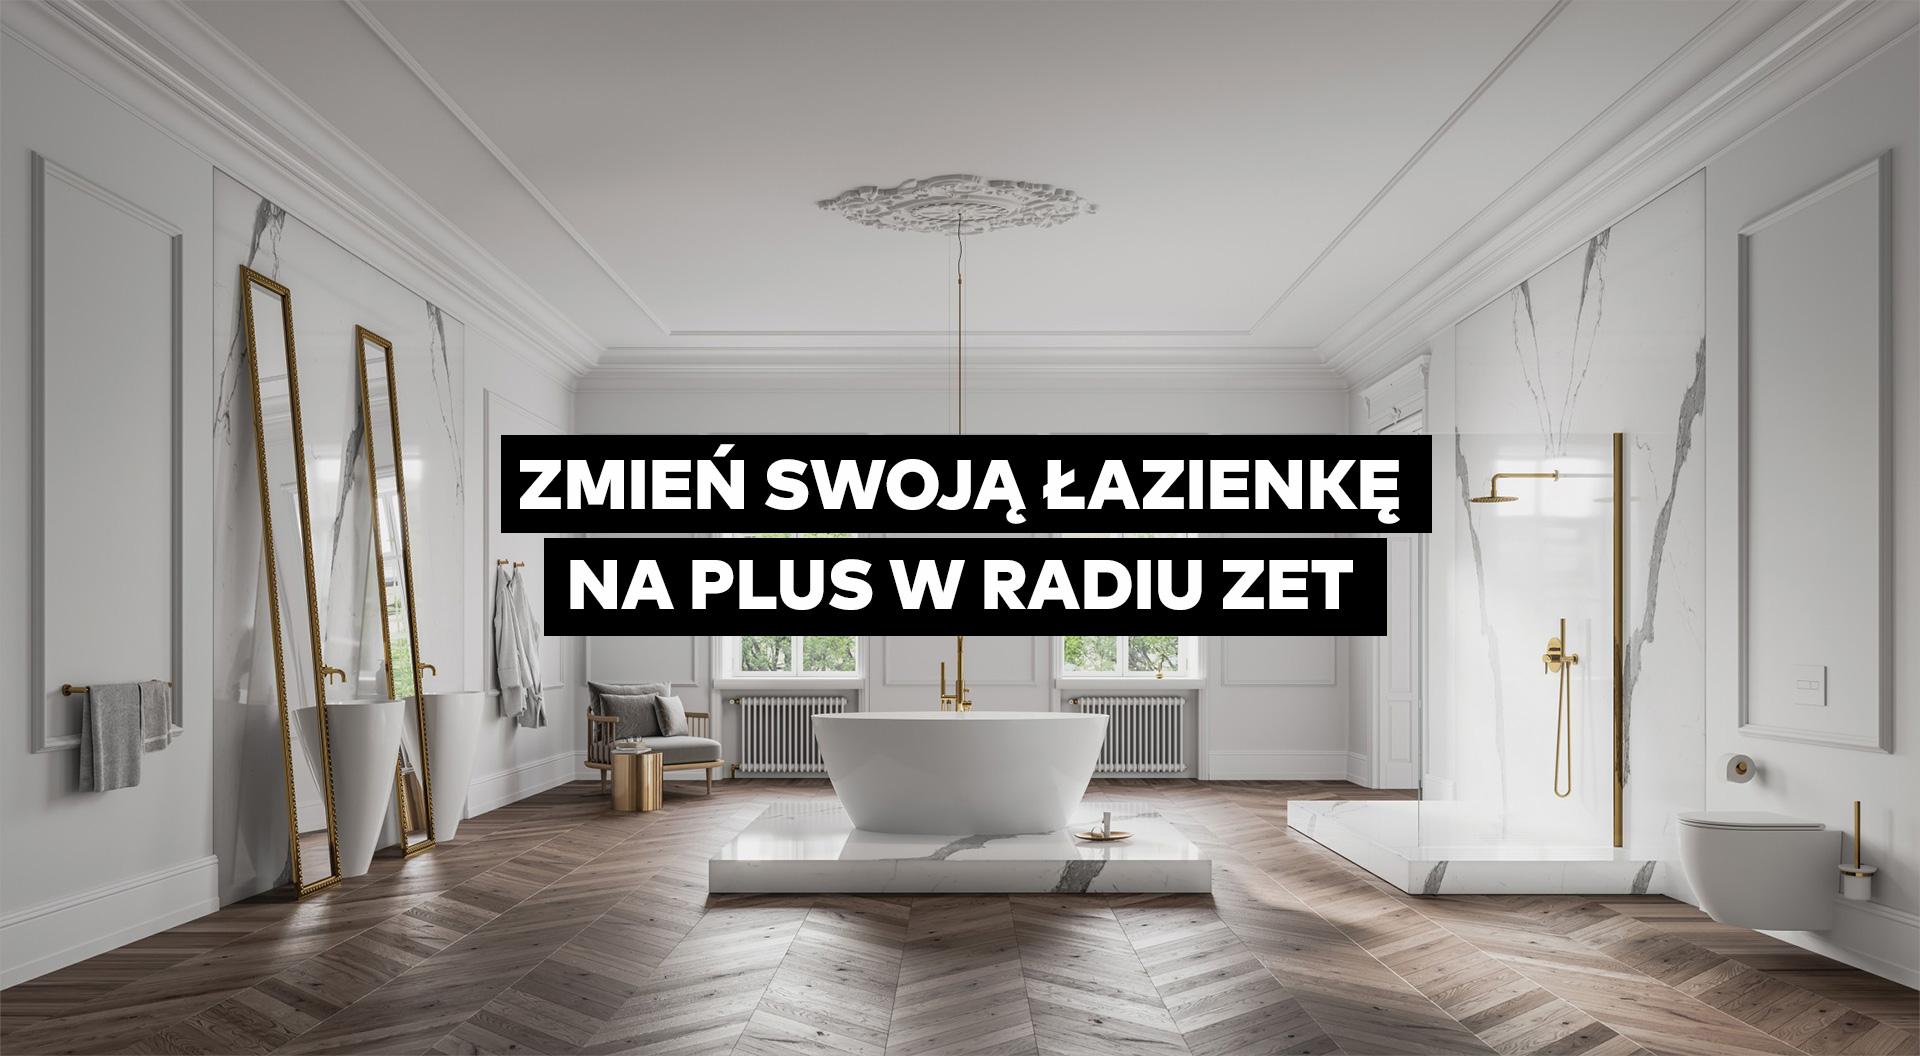 Zmień swoją łazienkę na plus w Radiu ZET